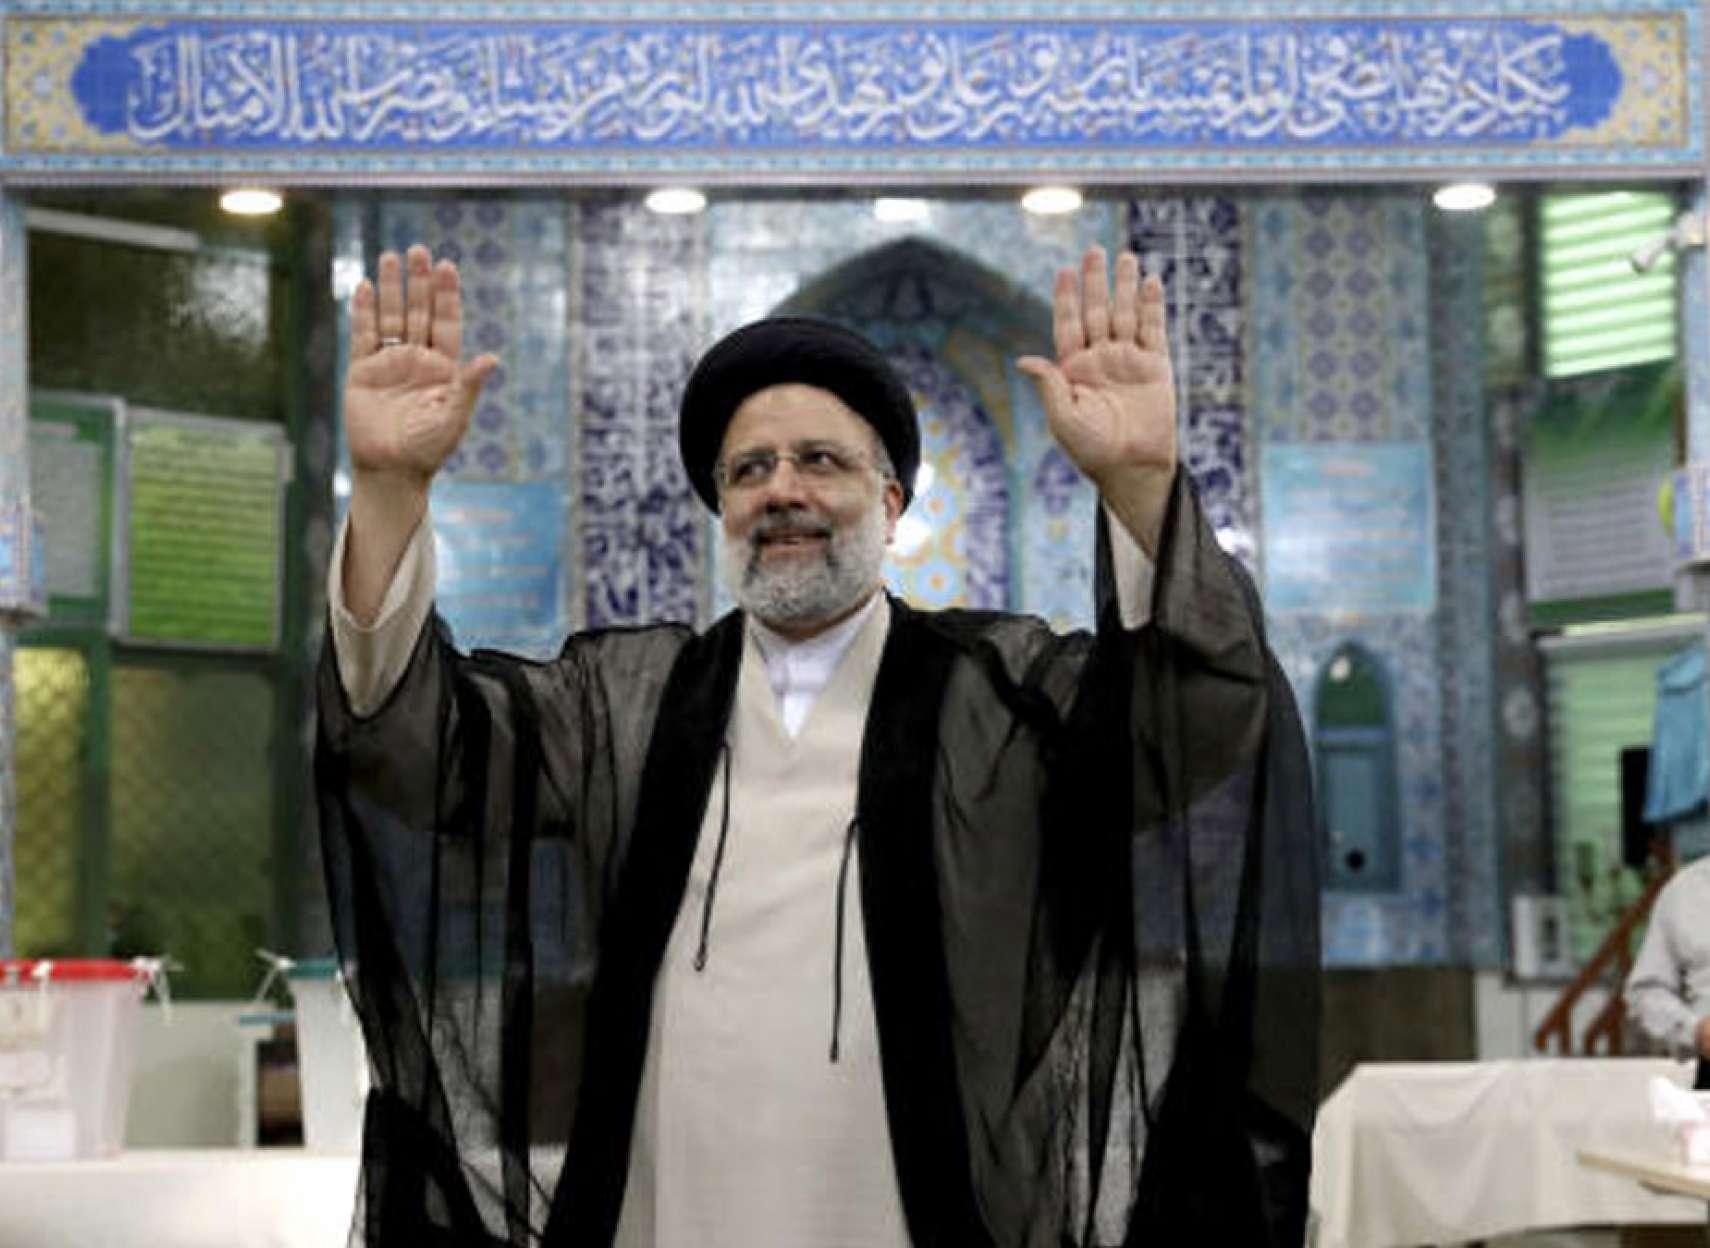 خبر-ایران-سید-ابراهیم-رئیسی-با-۶۲-درصد-آراء-رئیس-جمهور-ایران-شد